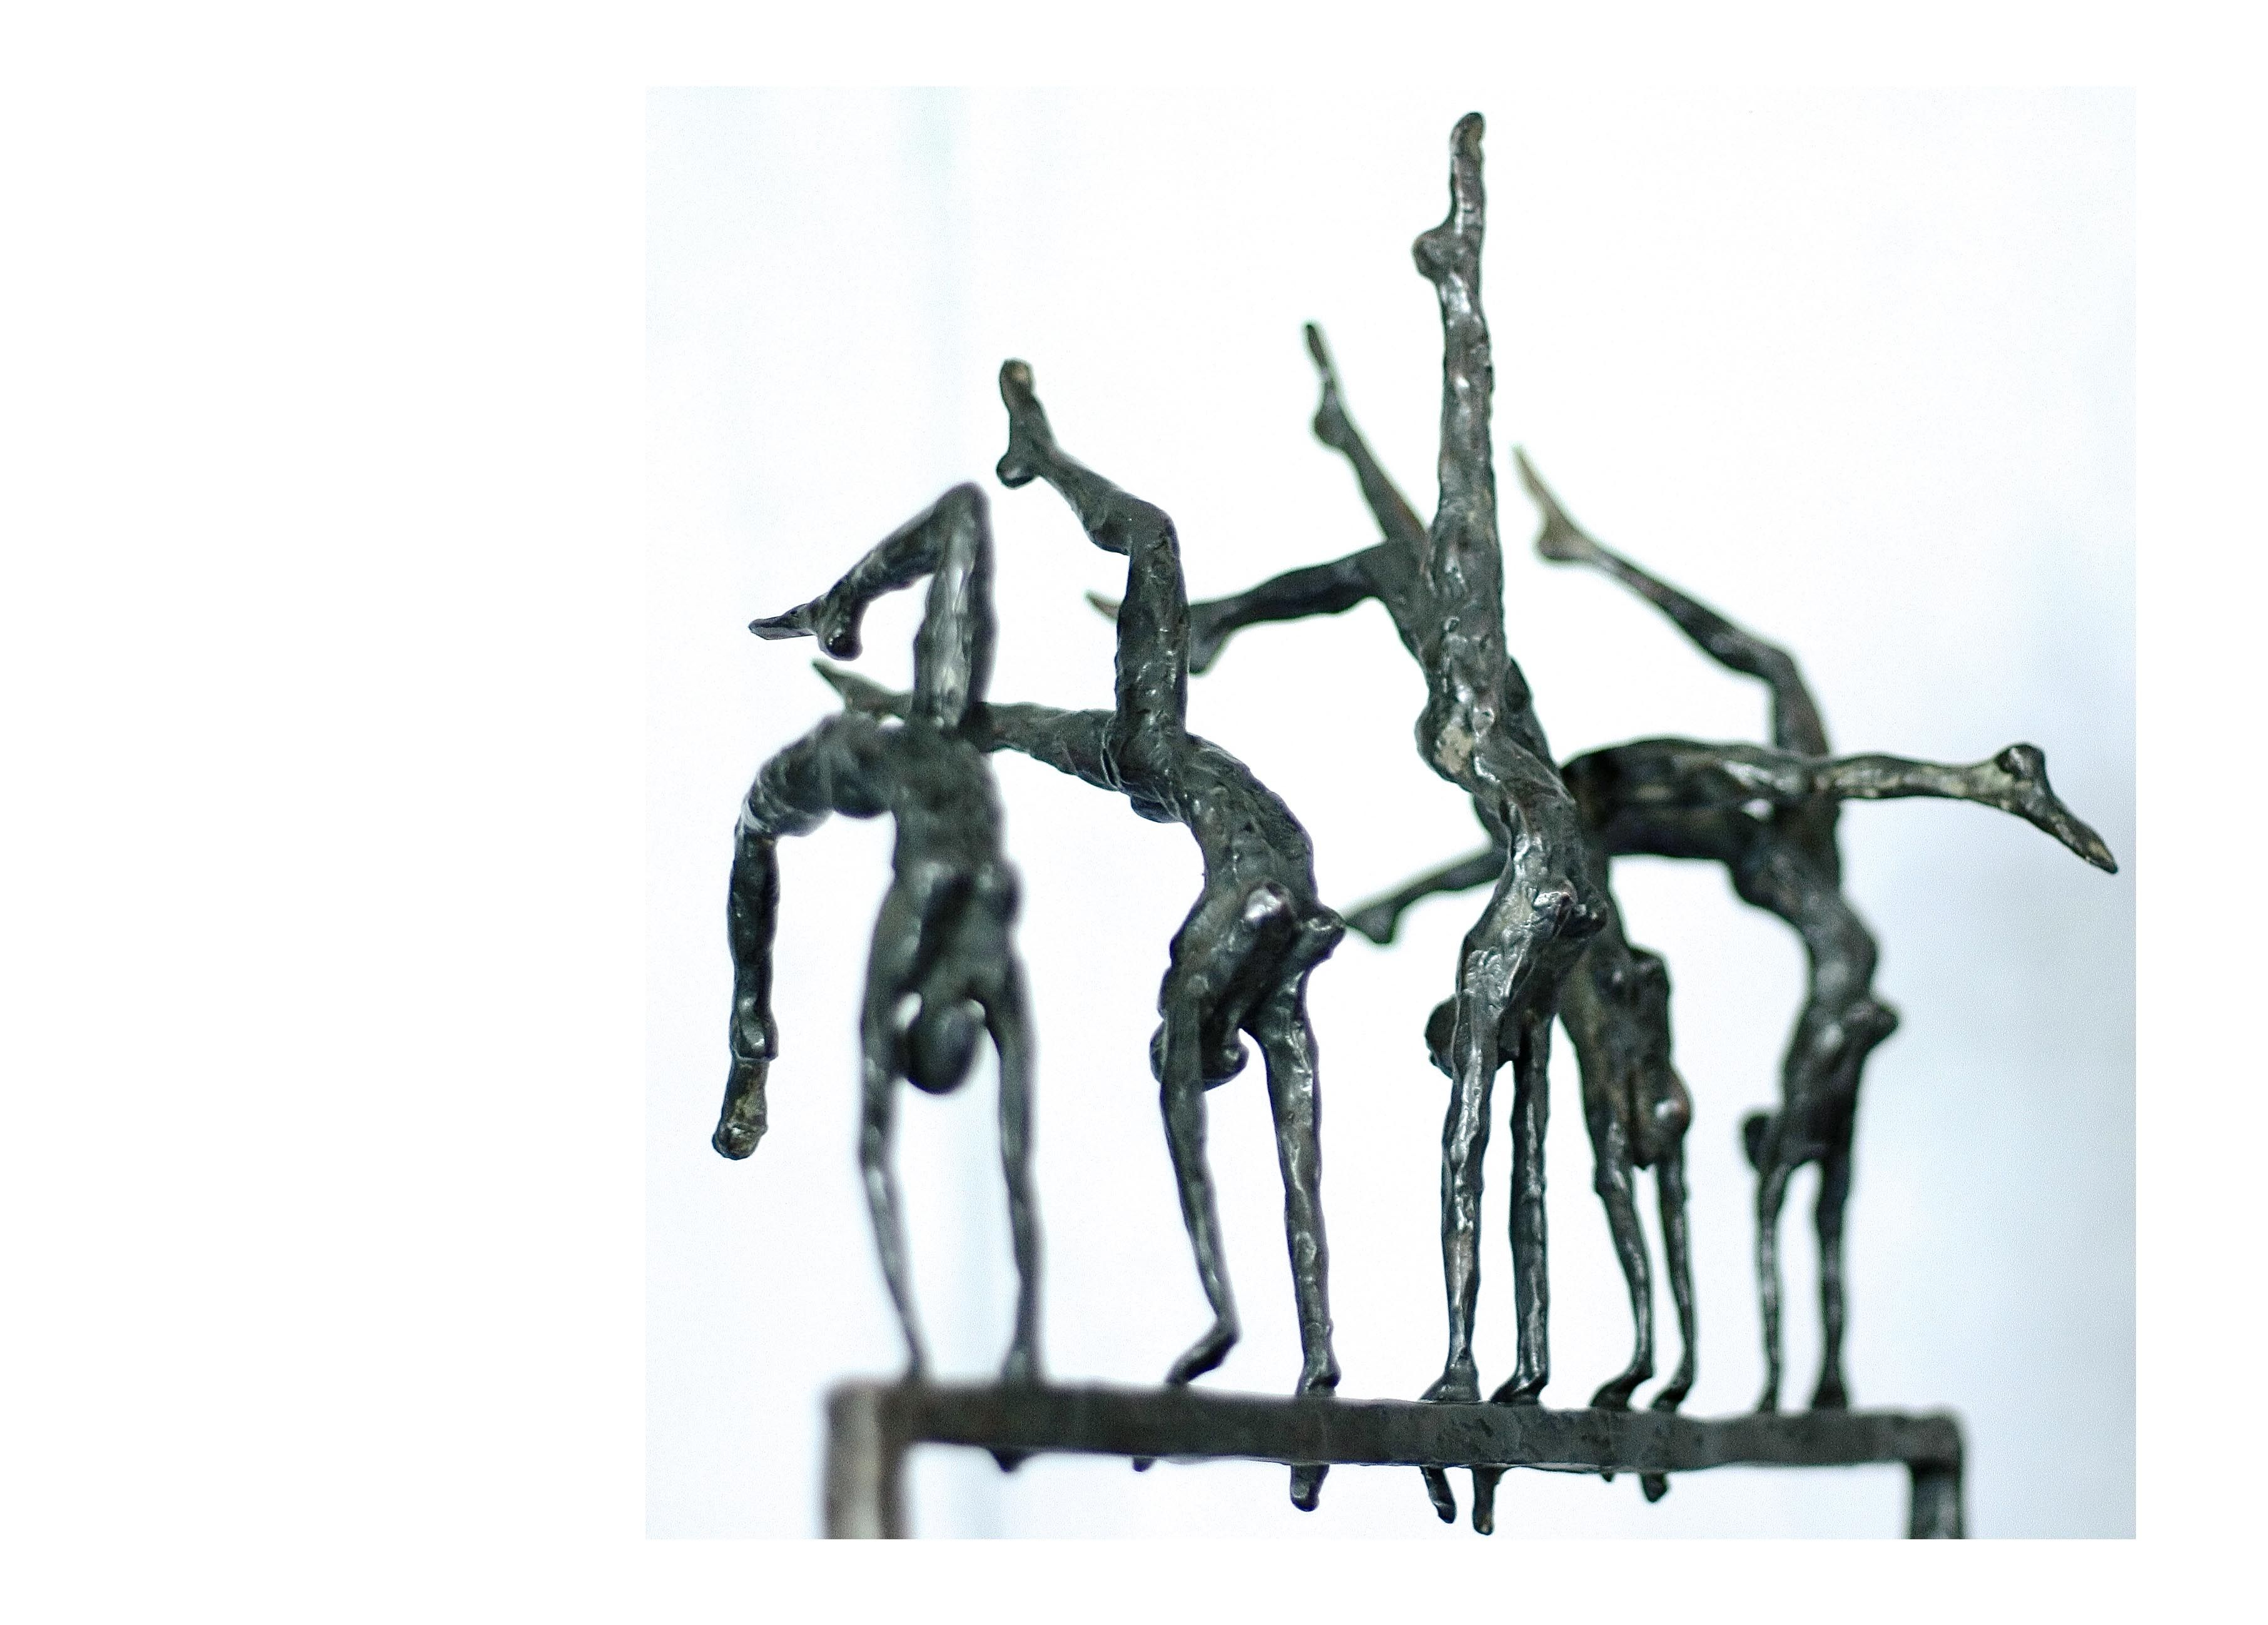 Art fairs mechanical movement metal paris russia sculptures wood - Sculpture Art Nvdl Sculptures